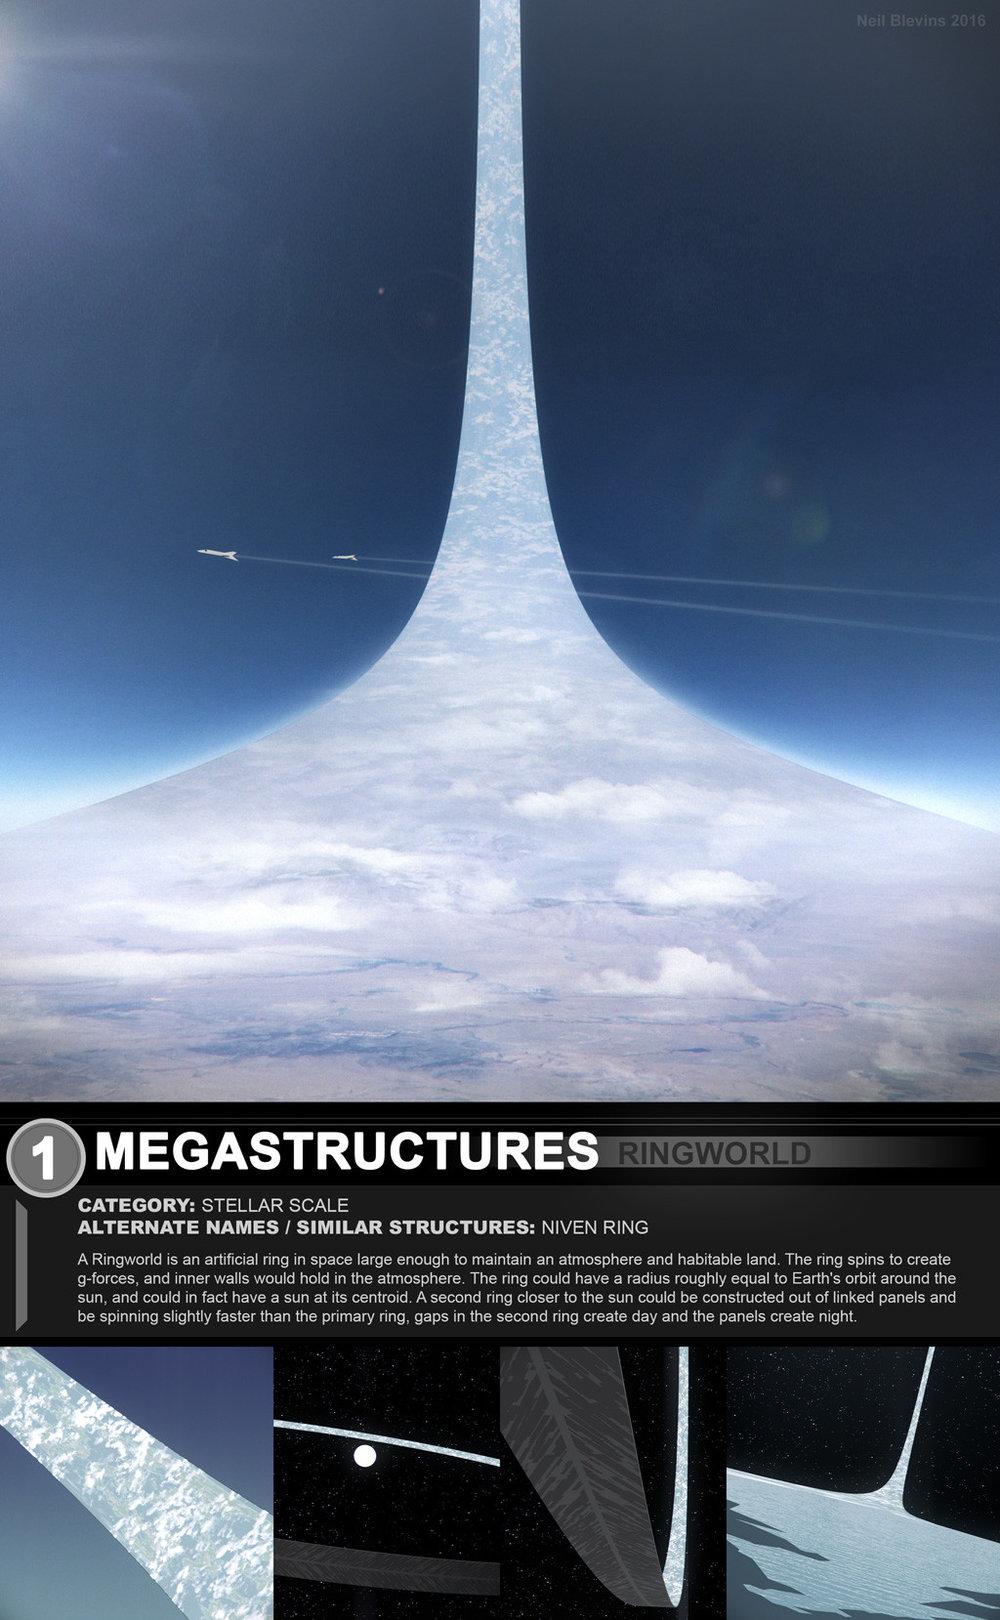 neil-blevins-megastructures-1-ringworld-design-packet[1].jpg